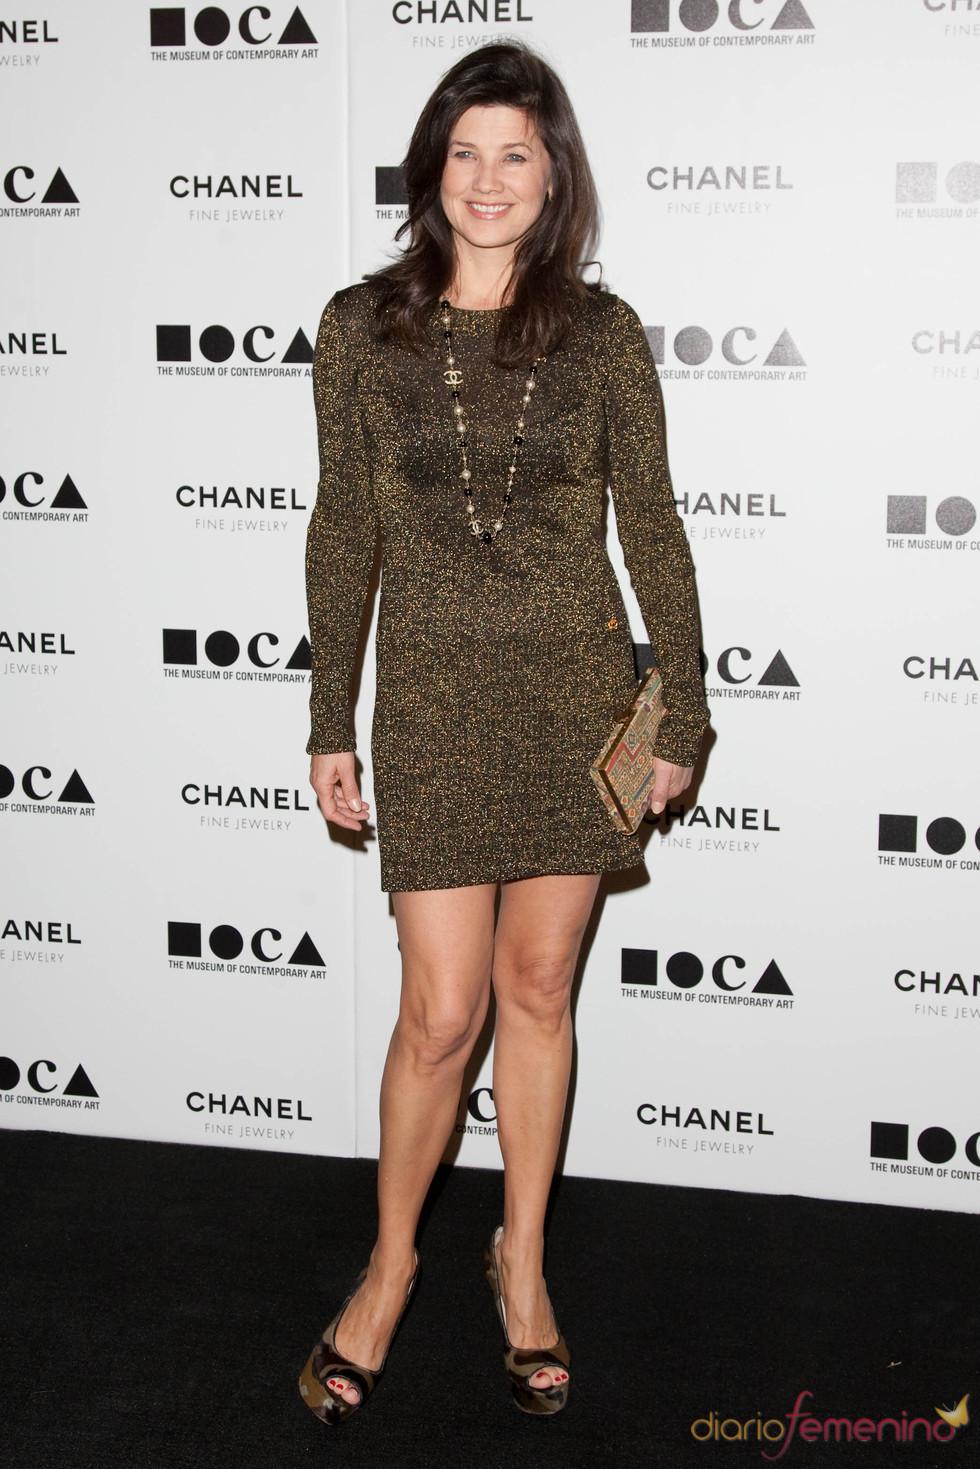 Daphne Zuniga en la Gala MOCA 2010